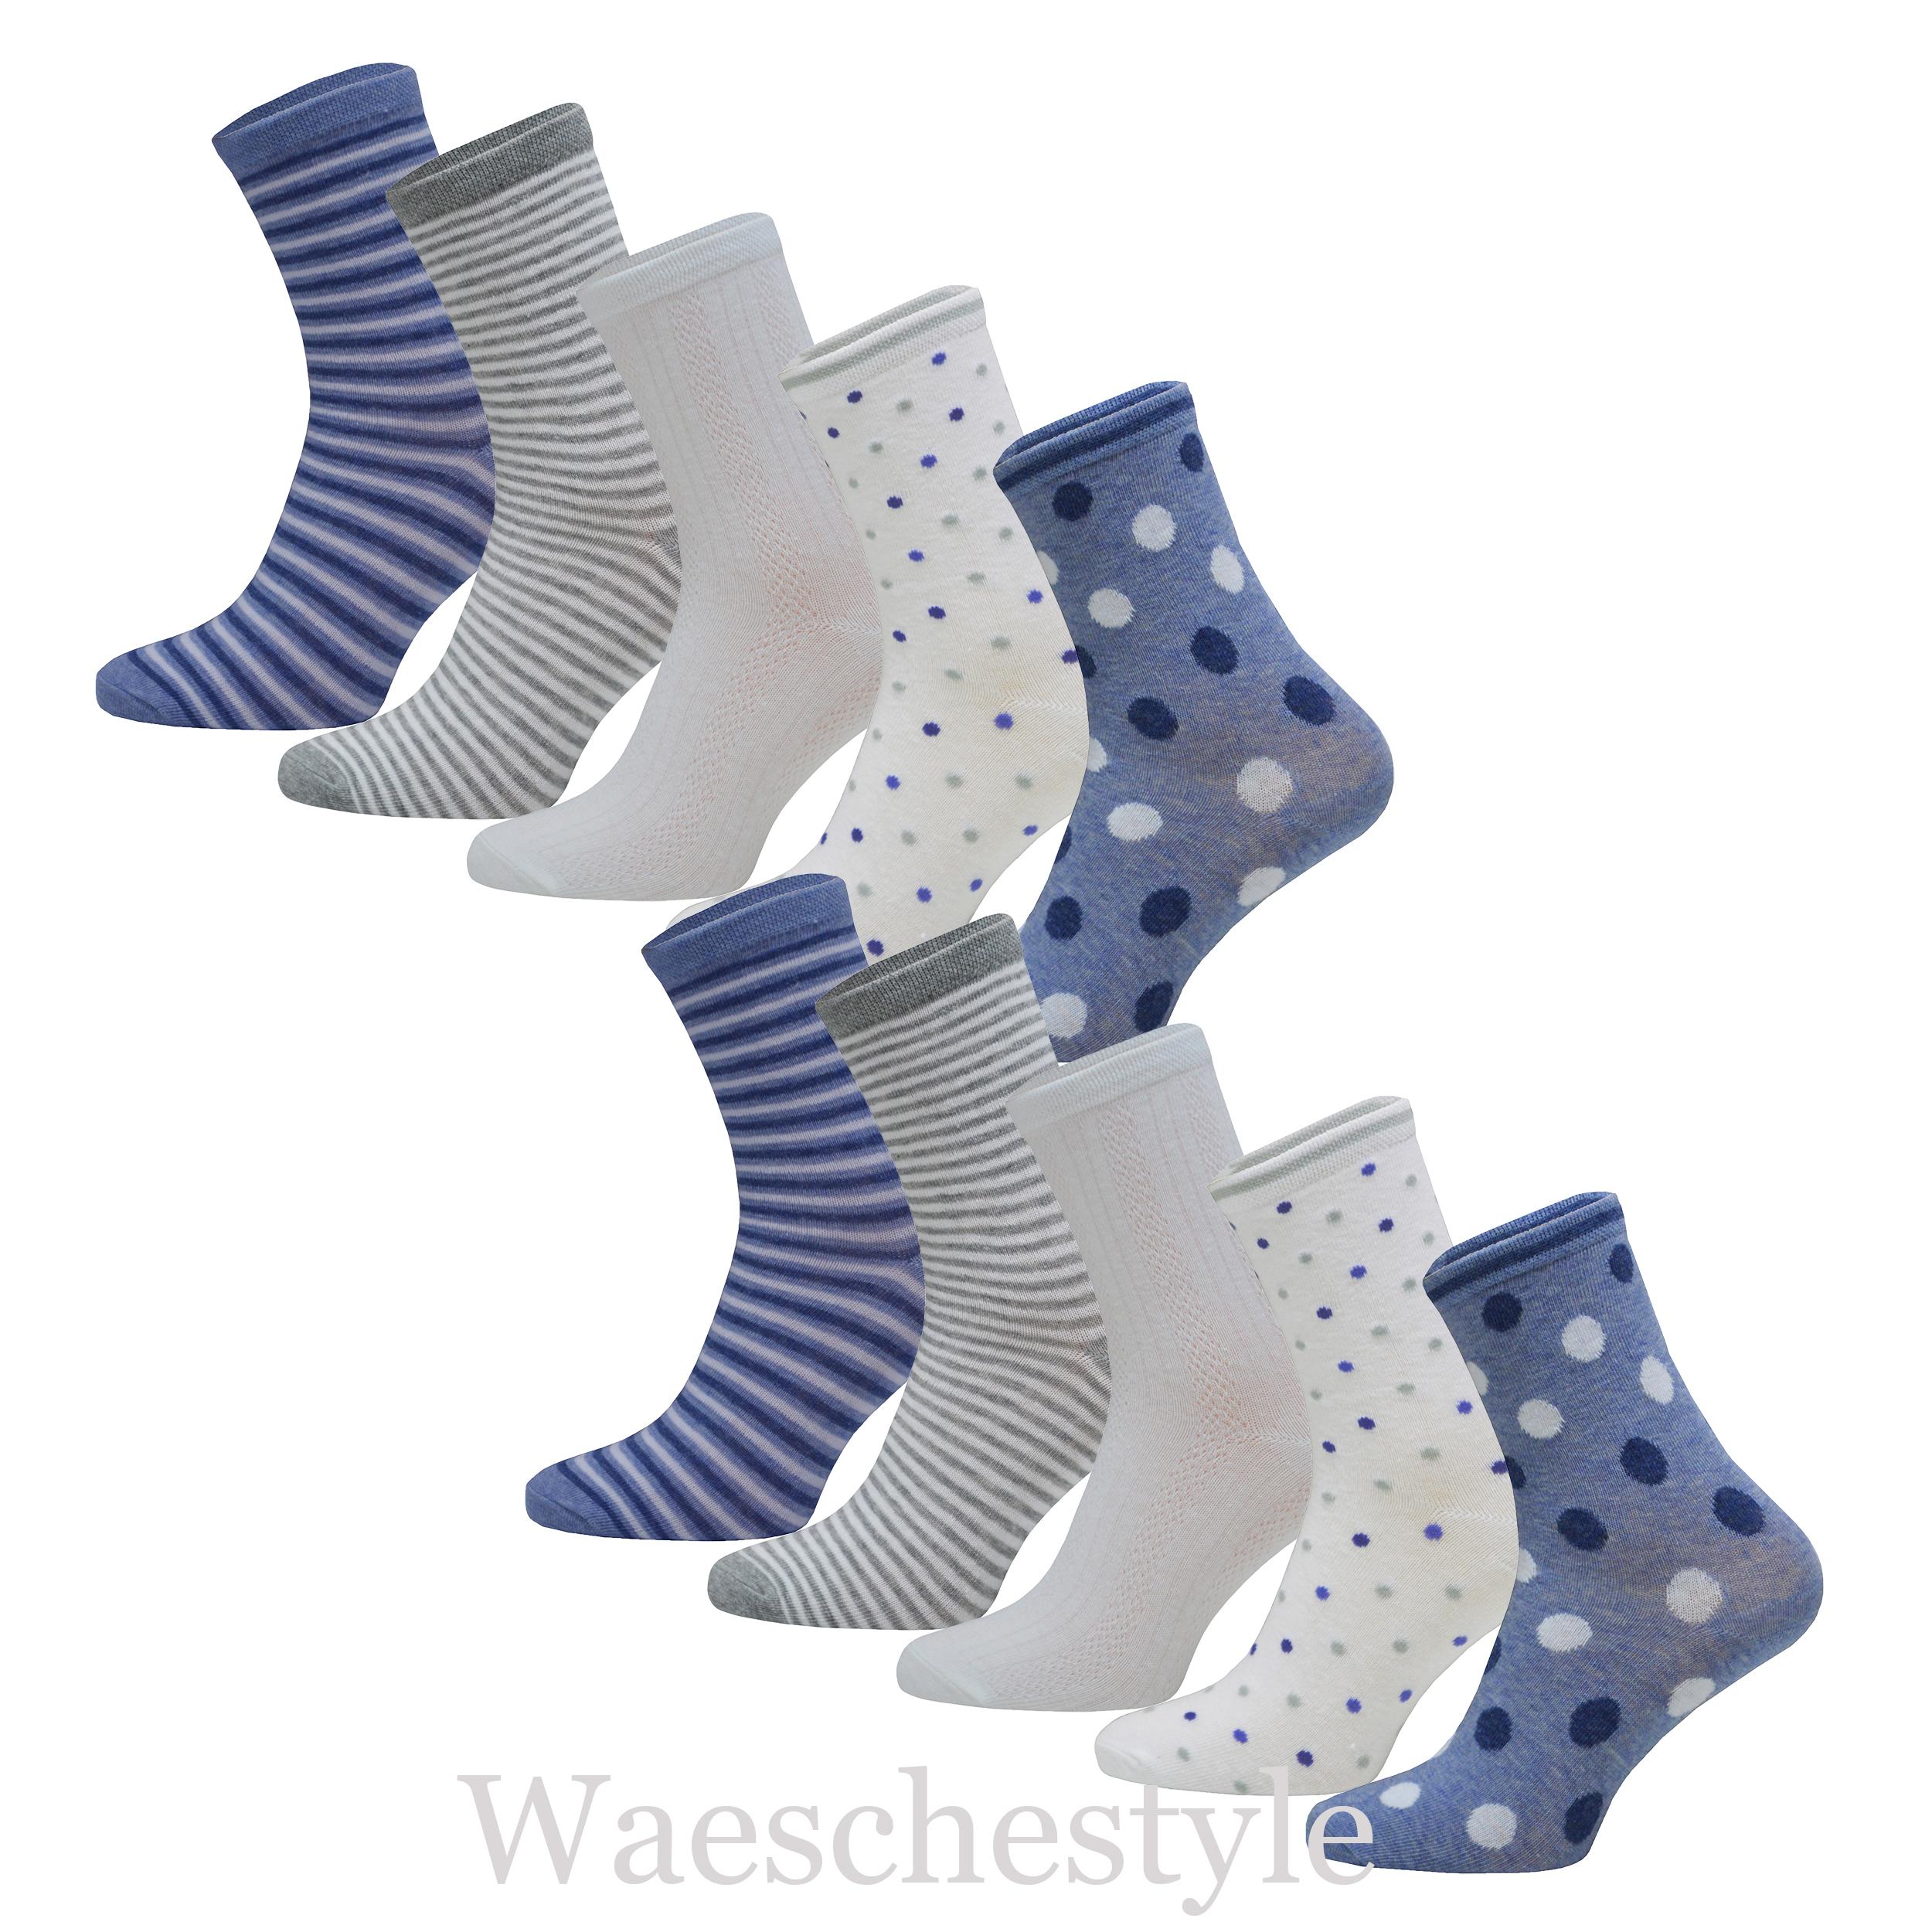 10 Paar DamenSocken Mädchensocken Socken in Pastellfarben mit Punkte und Ringel